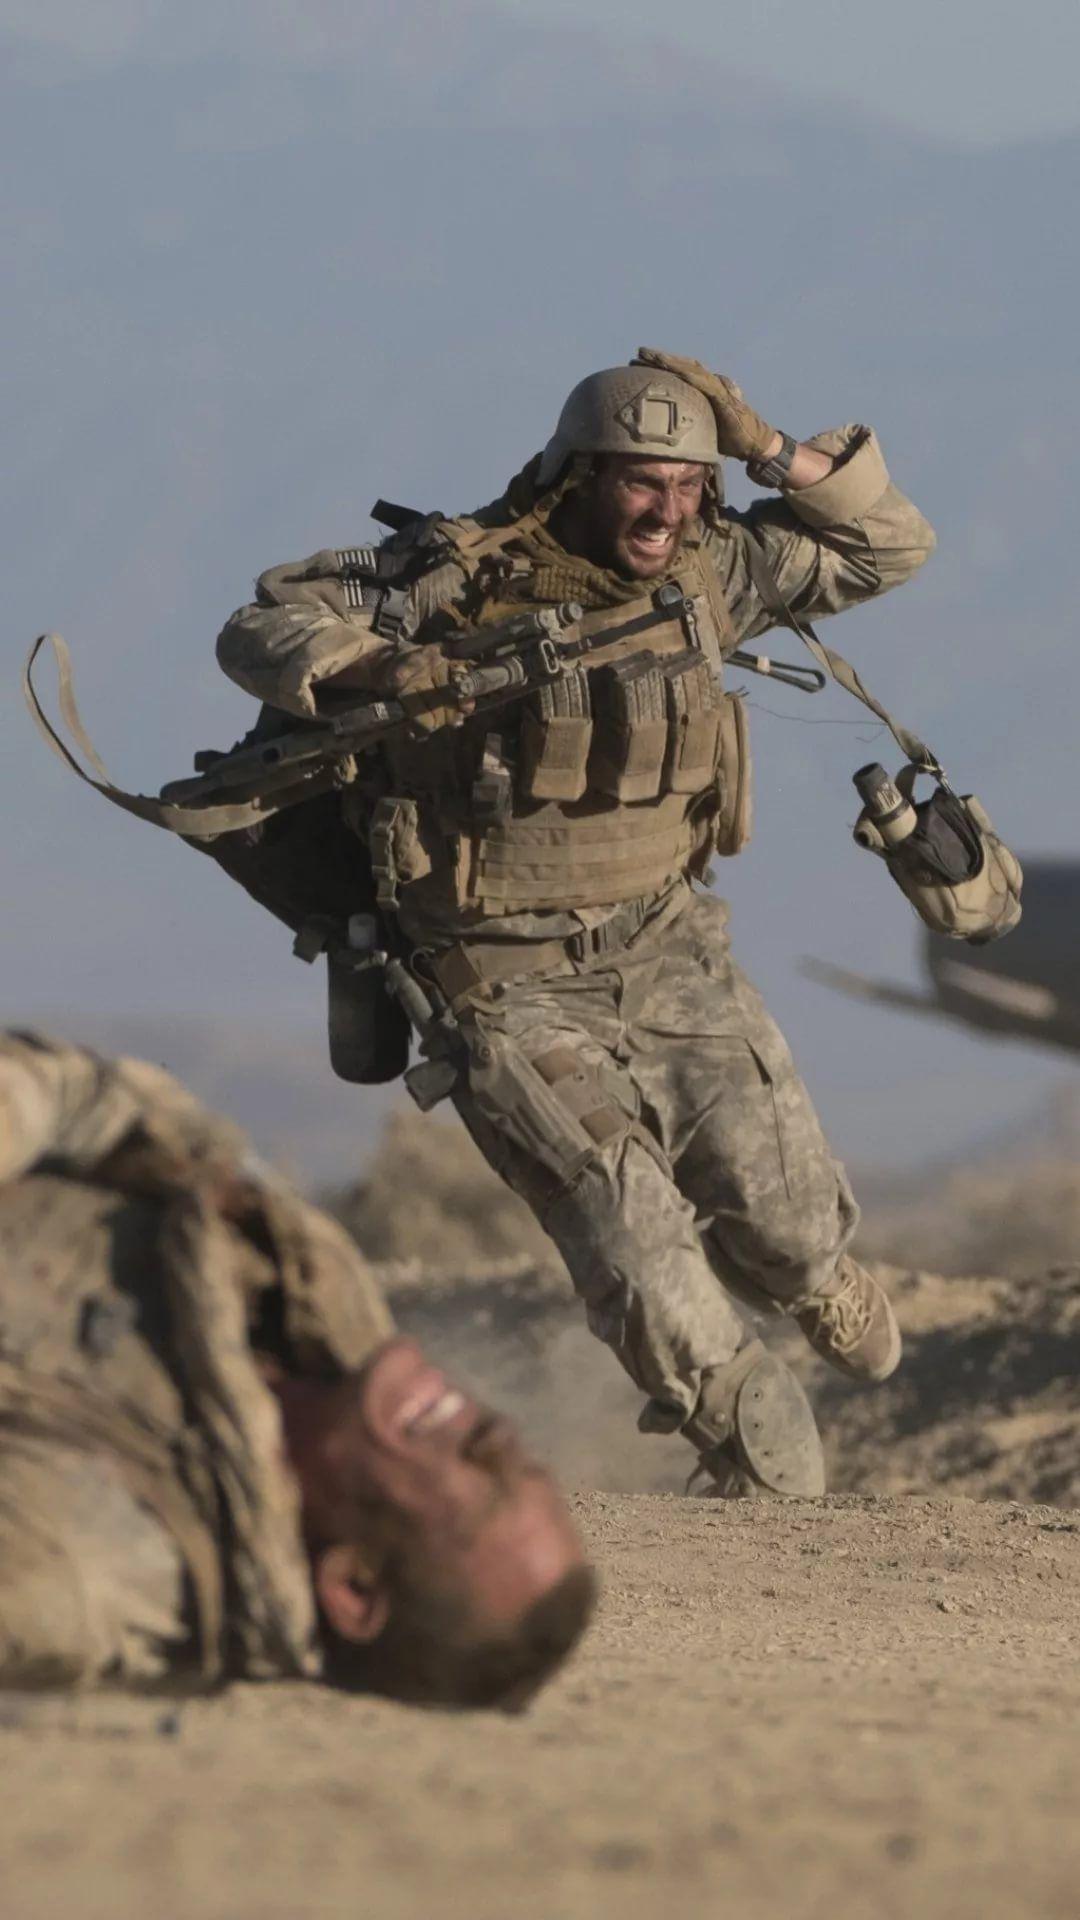 American Sniper iPhone 5 wallpaper